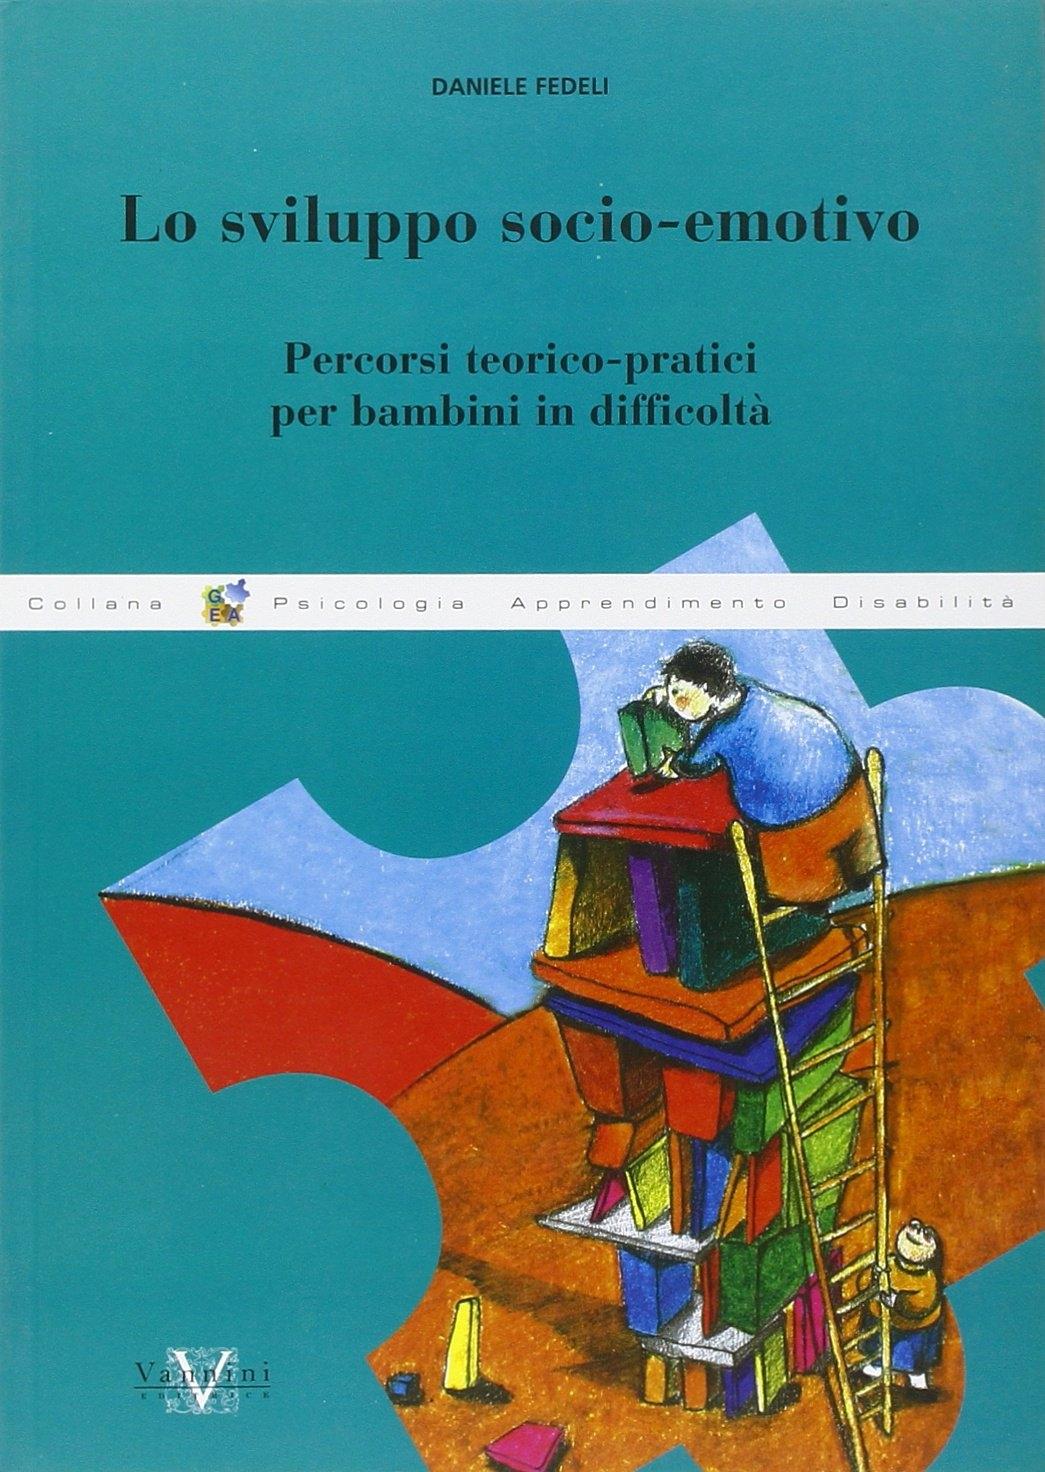 Lo sviluppo socio-emotivo. Percorsi teorico-pratici per bambini in difficoltà.